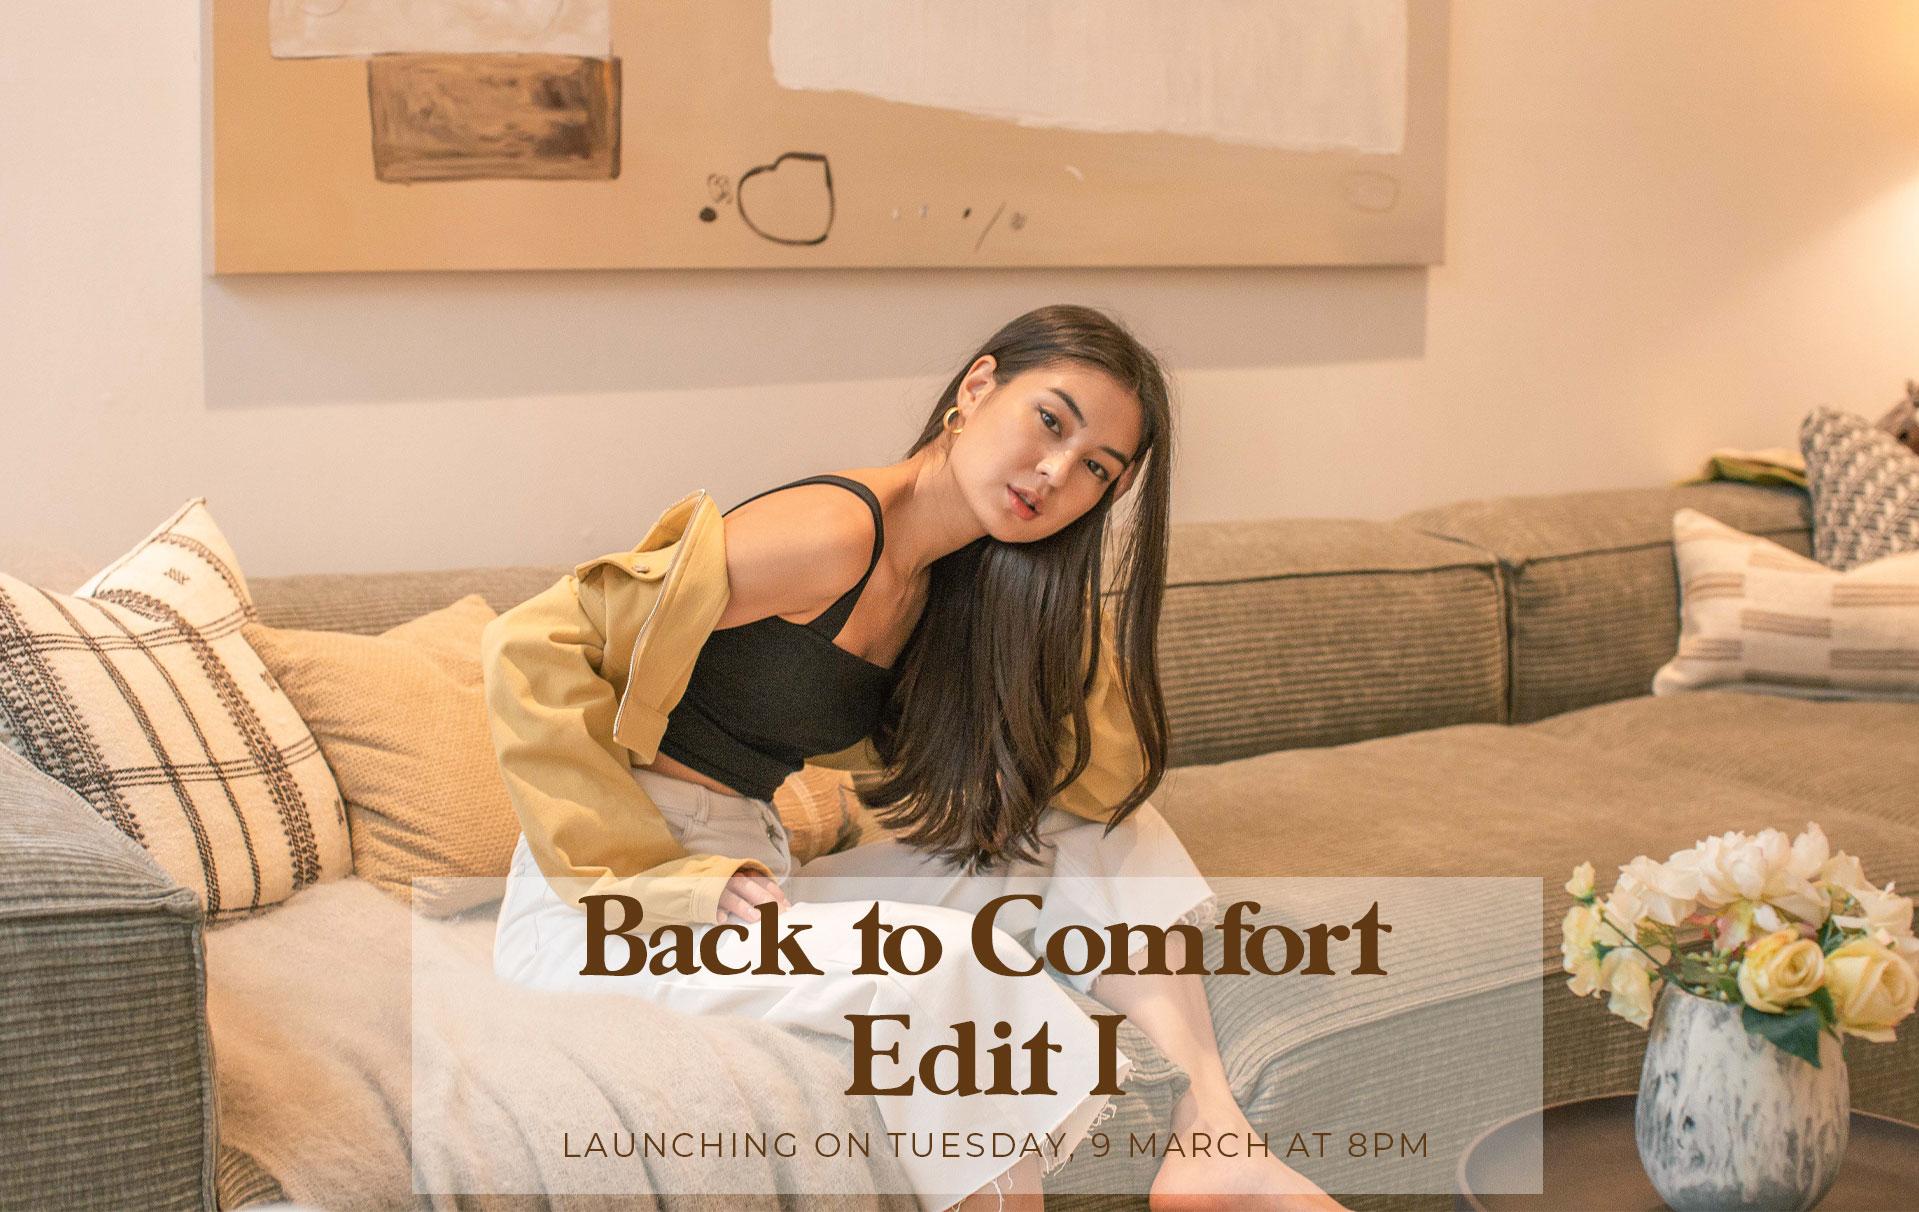 Back to Comfort: Edit I